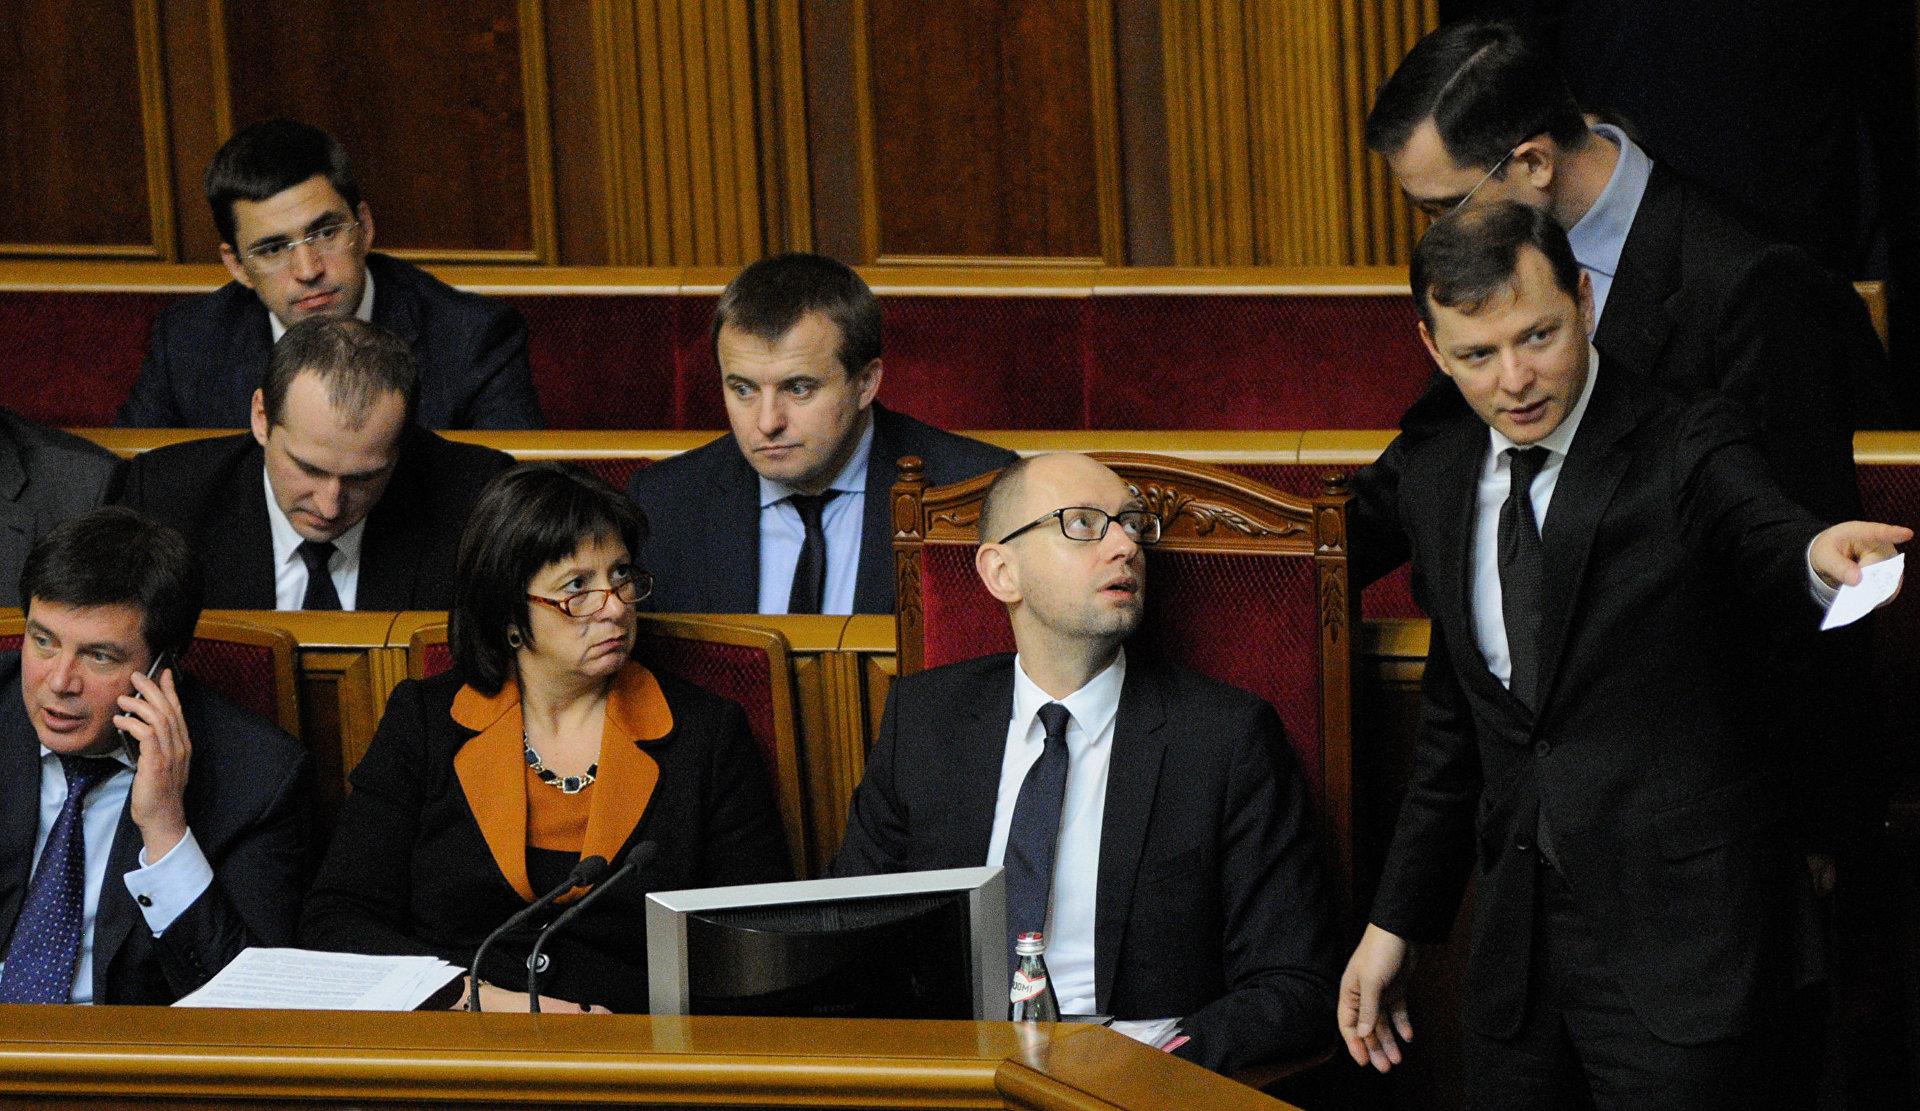 http://ukraina.ru/images/101306/25/1013062531.jpg